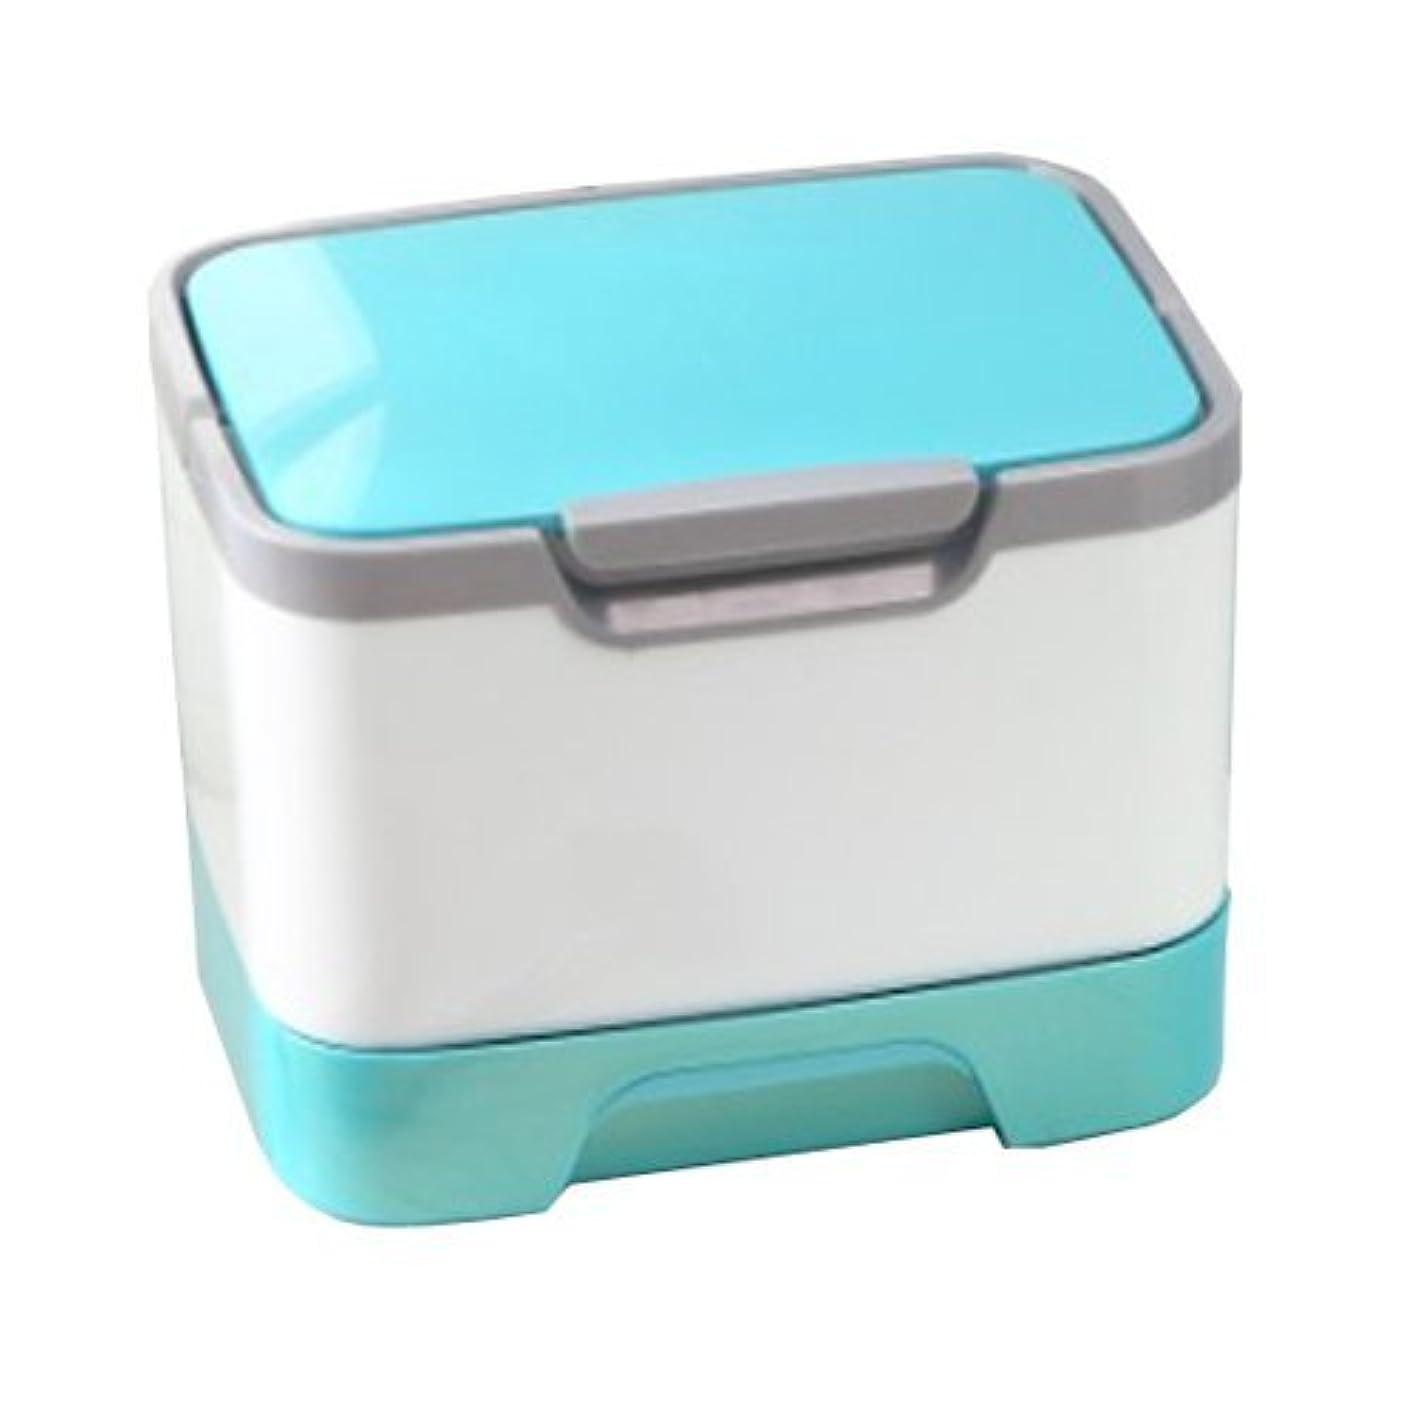 欺付録サイクロプスメイクボックス 大容量 かわいい 鏡付き プロも納得 コスメの収納に (ピンク、ブルー、グリーン)